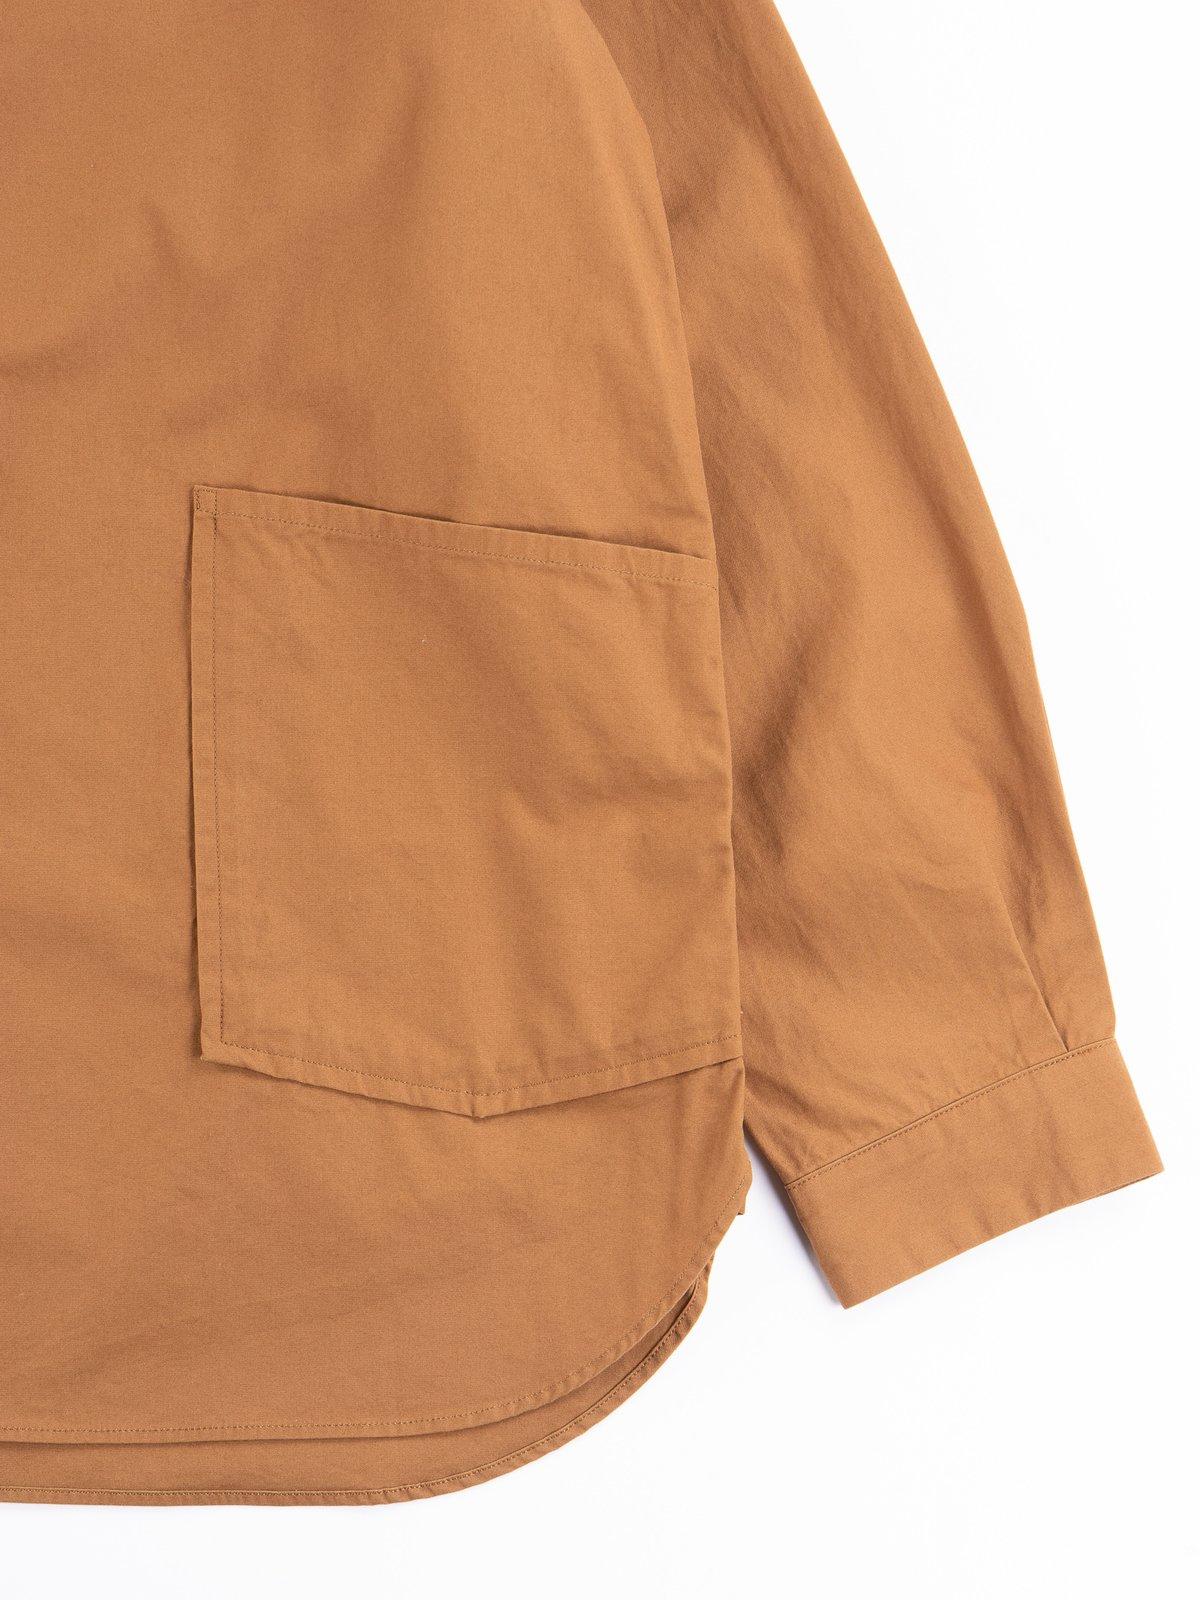 Tan Gardener Oxford Shirt Jacket - Image 4